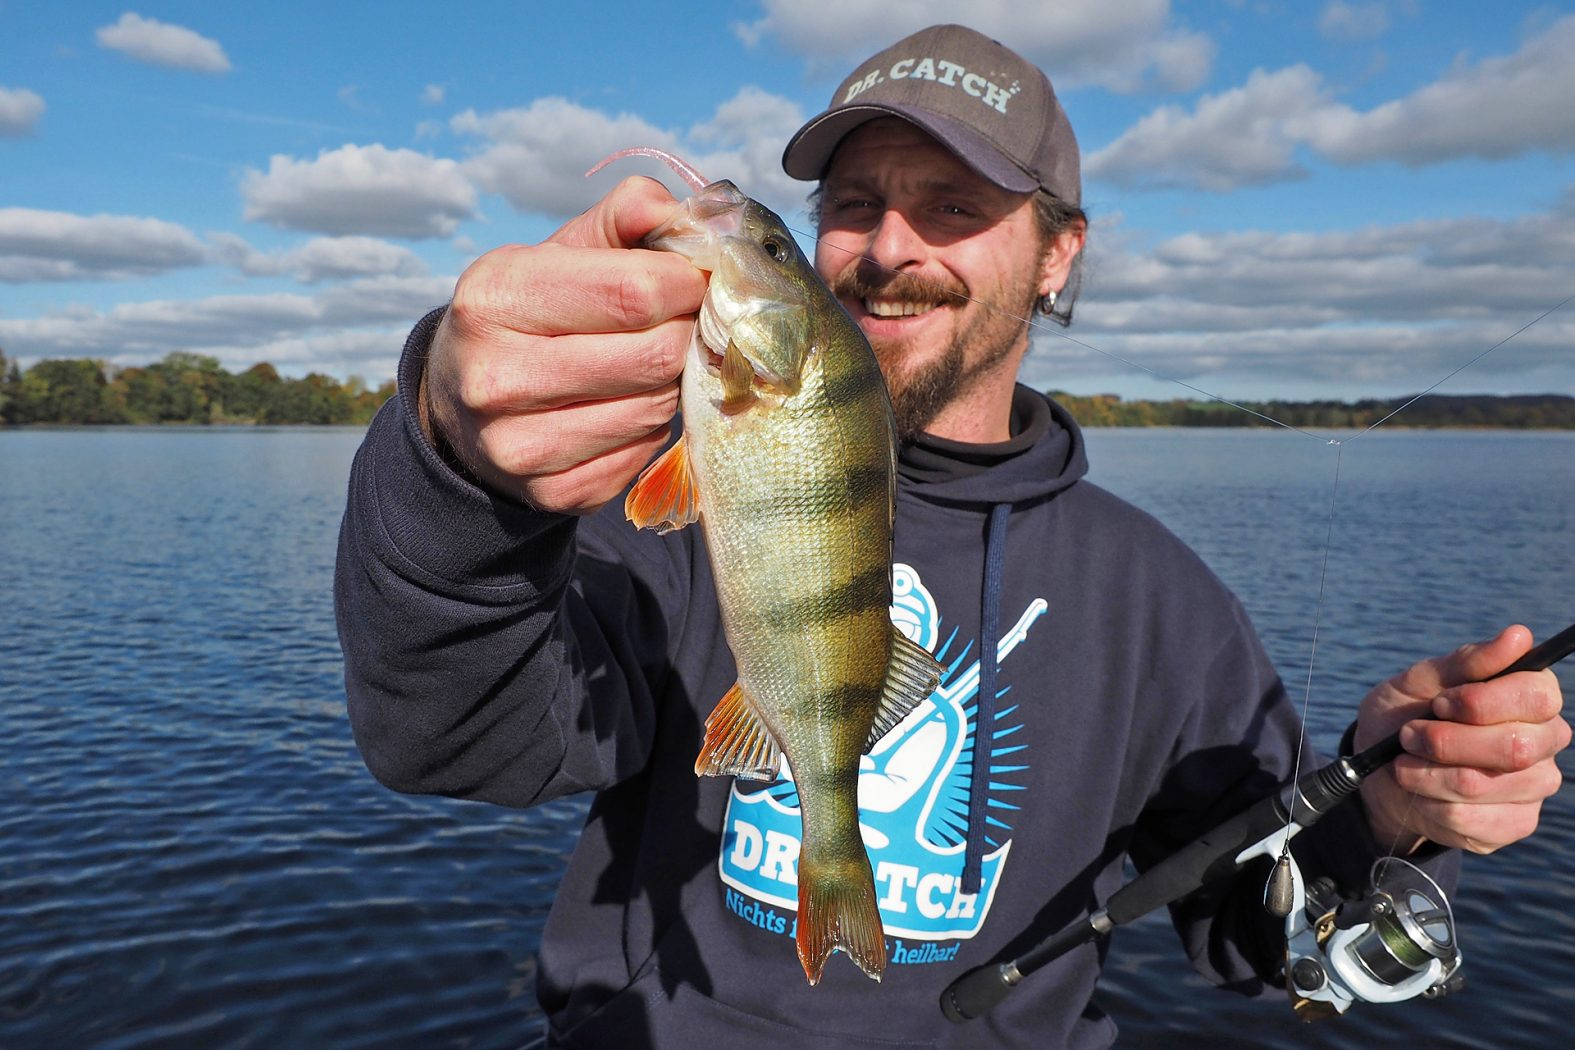 Mit Kickback Rig auf Barsch angeln